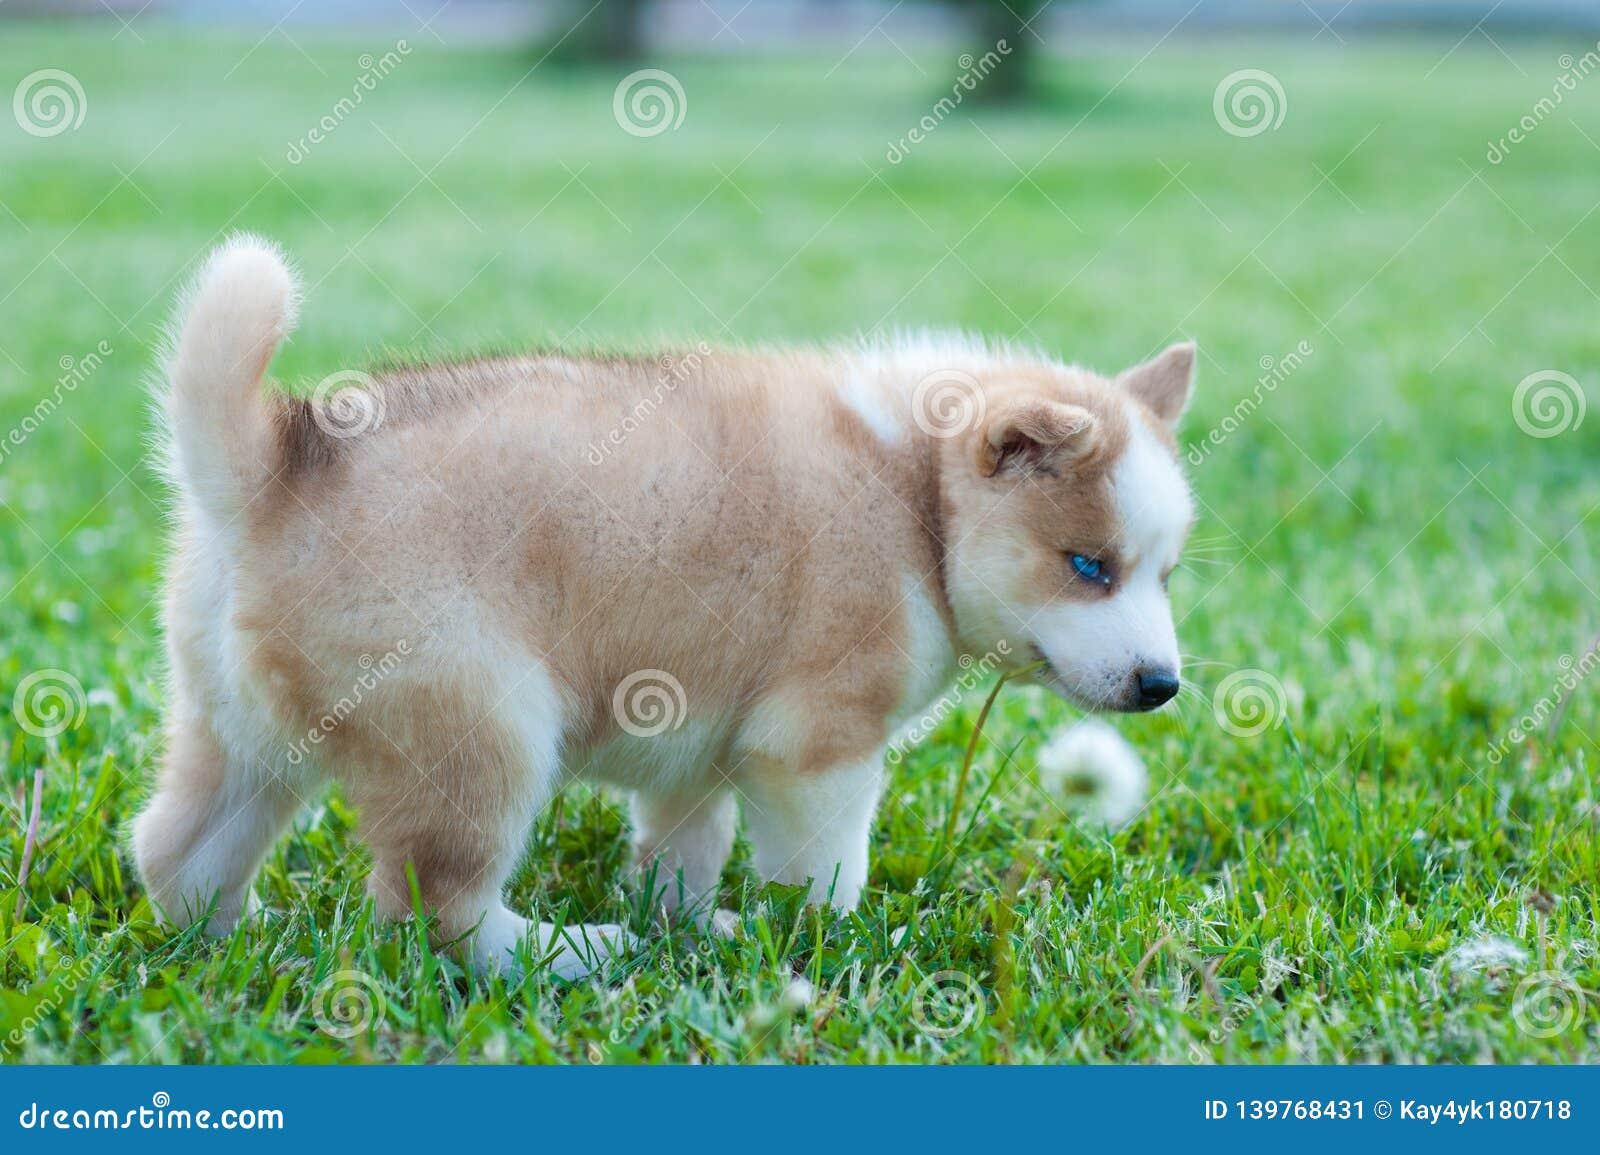 Сиплая собака схватила зеленую траву с ее ртом